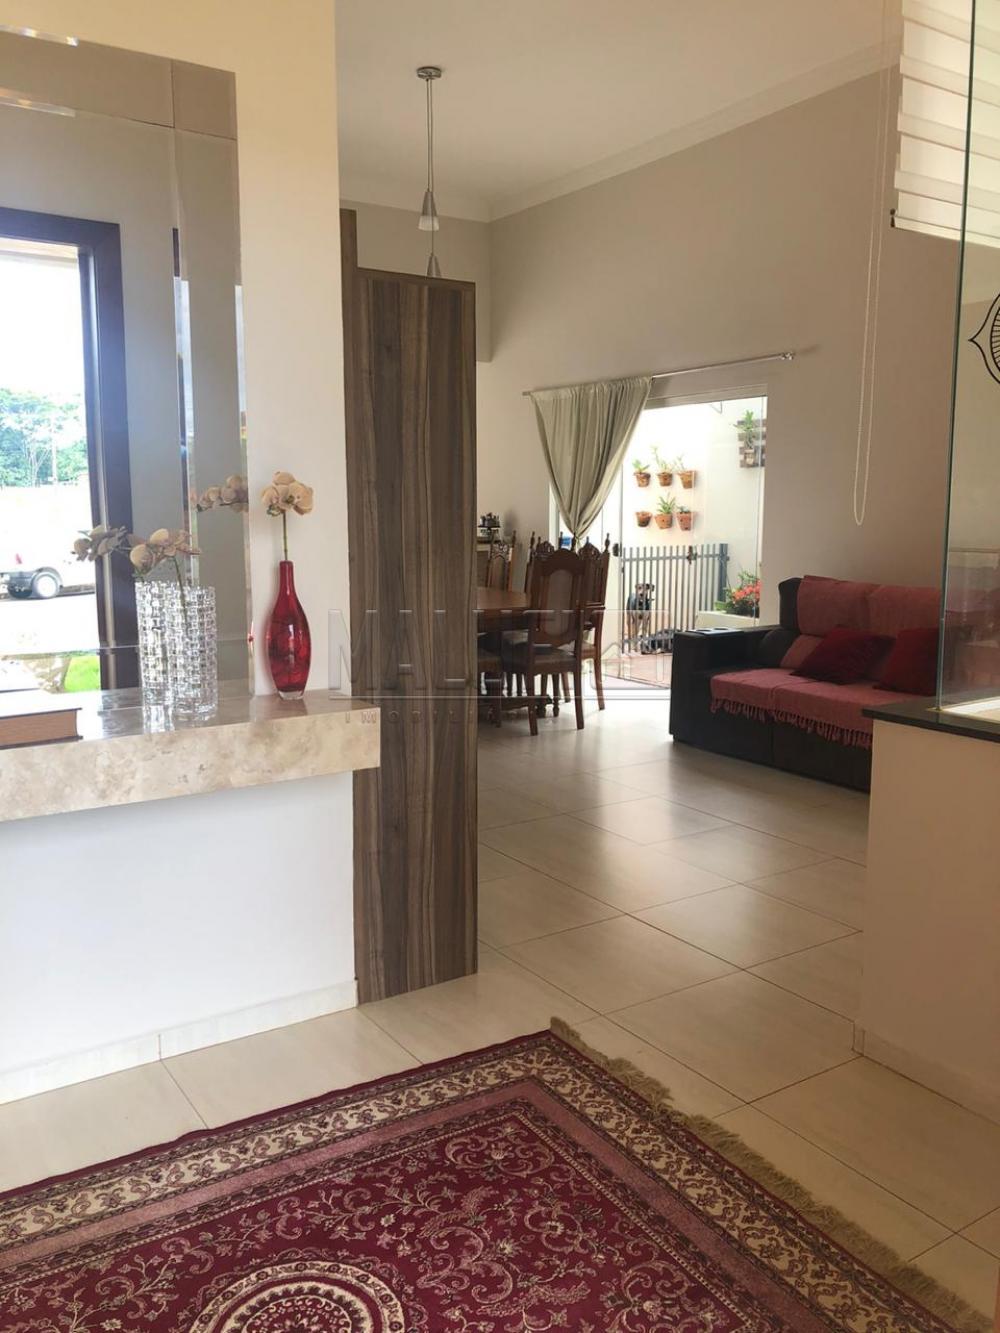 Alugar Casas / Condomínio em Olímpia apenas R$ 3.300,00 - Foto 6